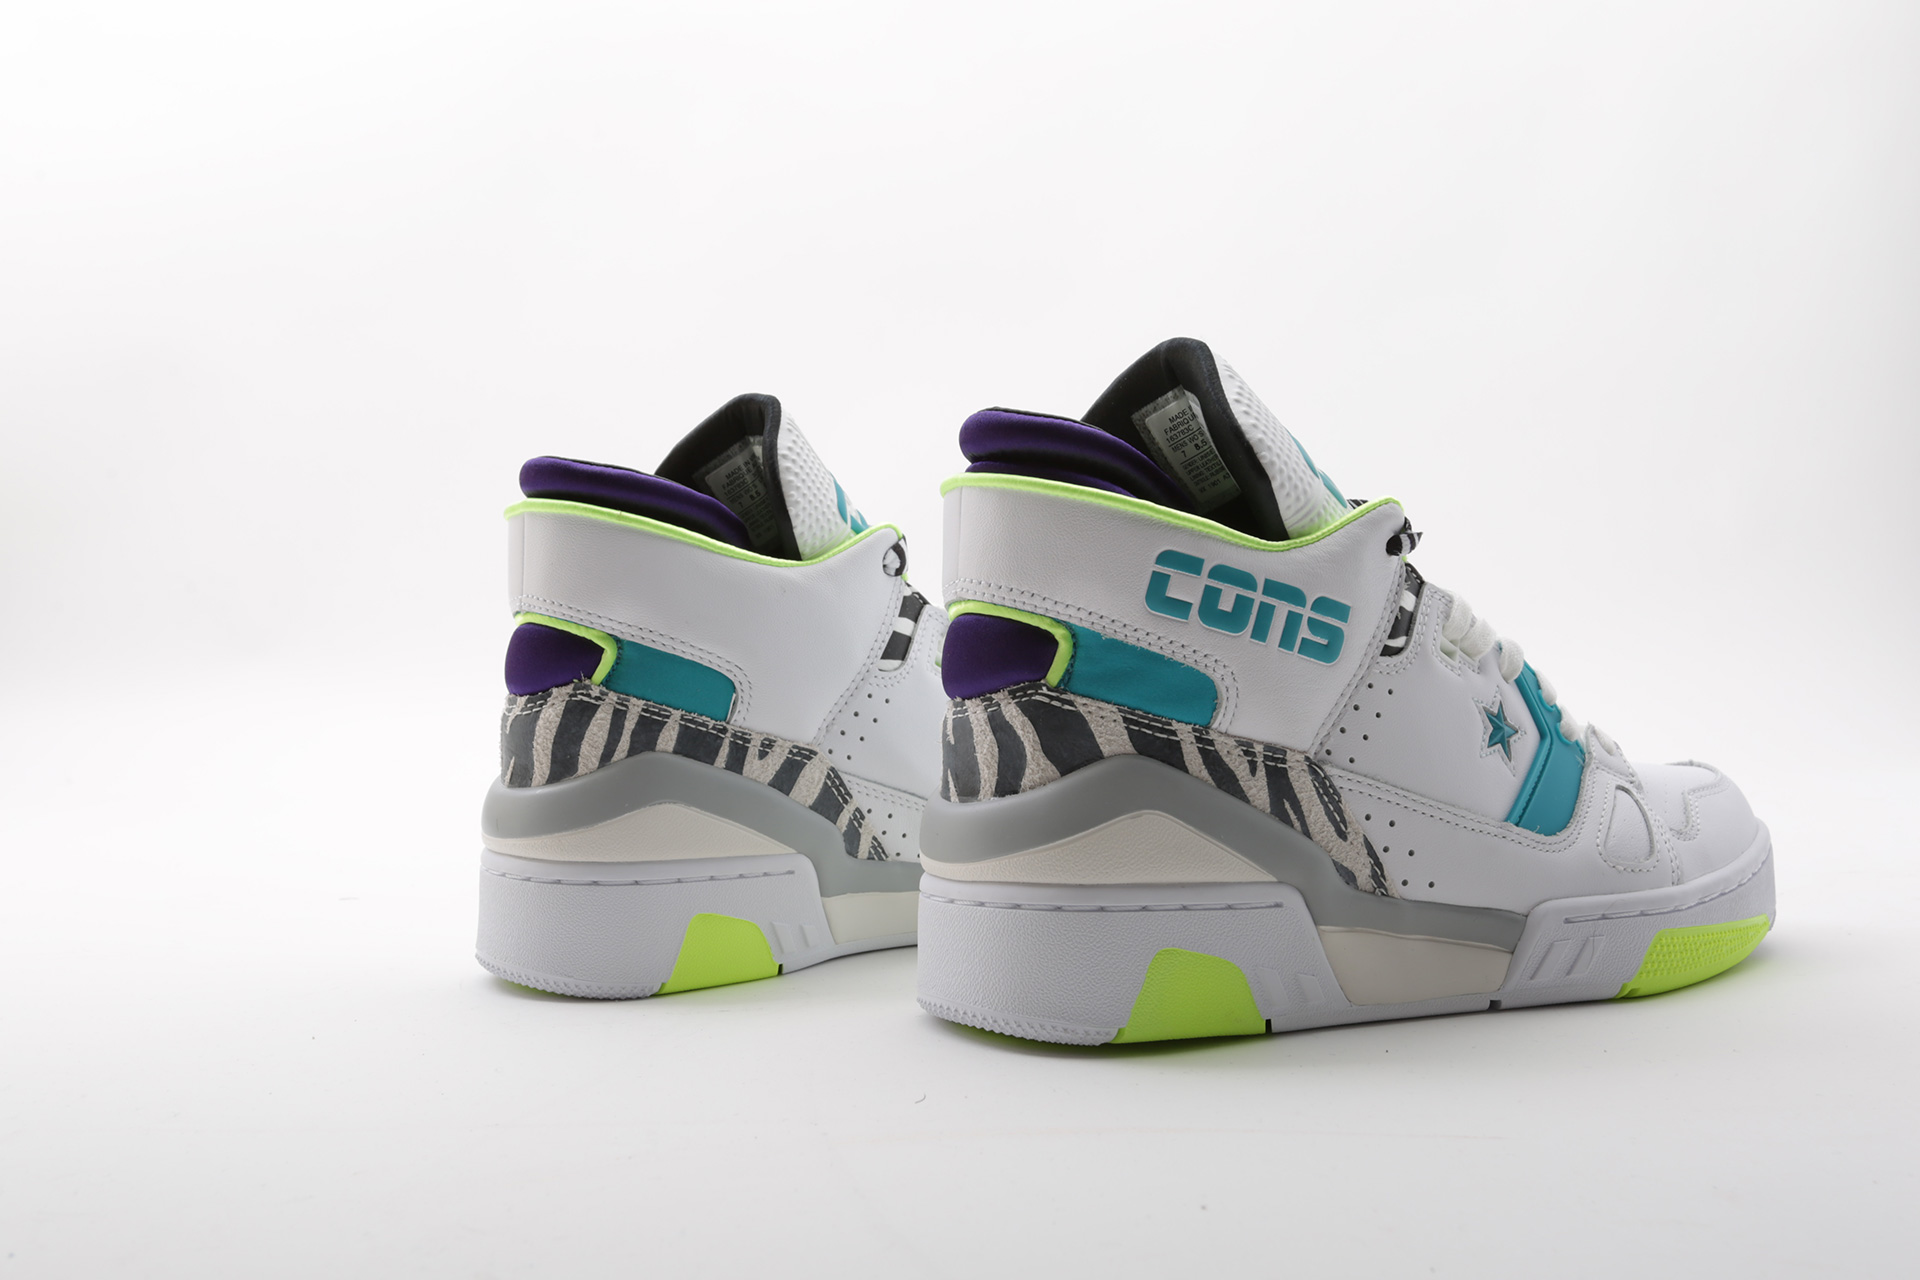 12a863d2 ... Купить мужские белые кроссовки Converse Don C ERX 260 Mid - фото 5  картинки ...